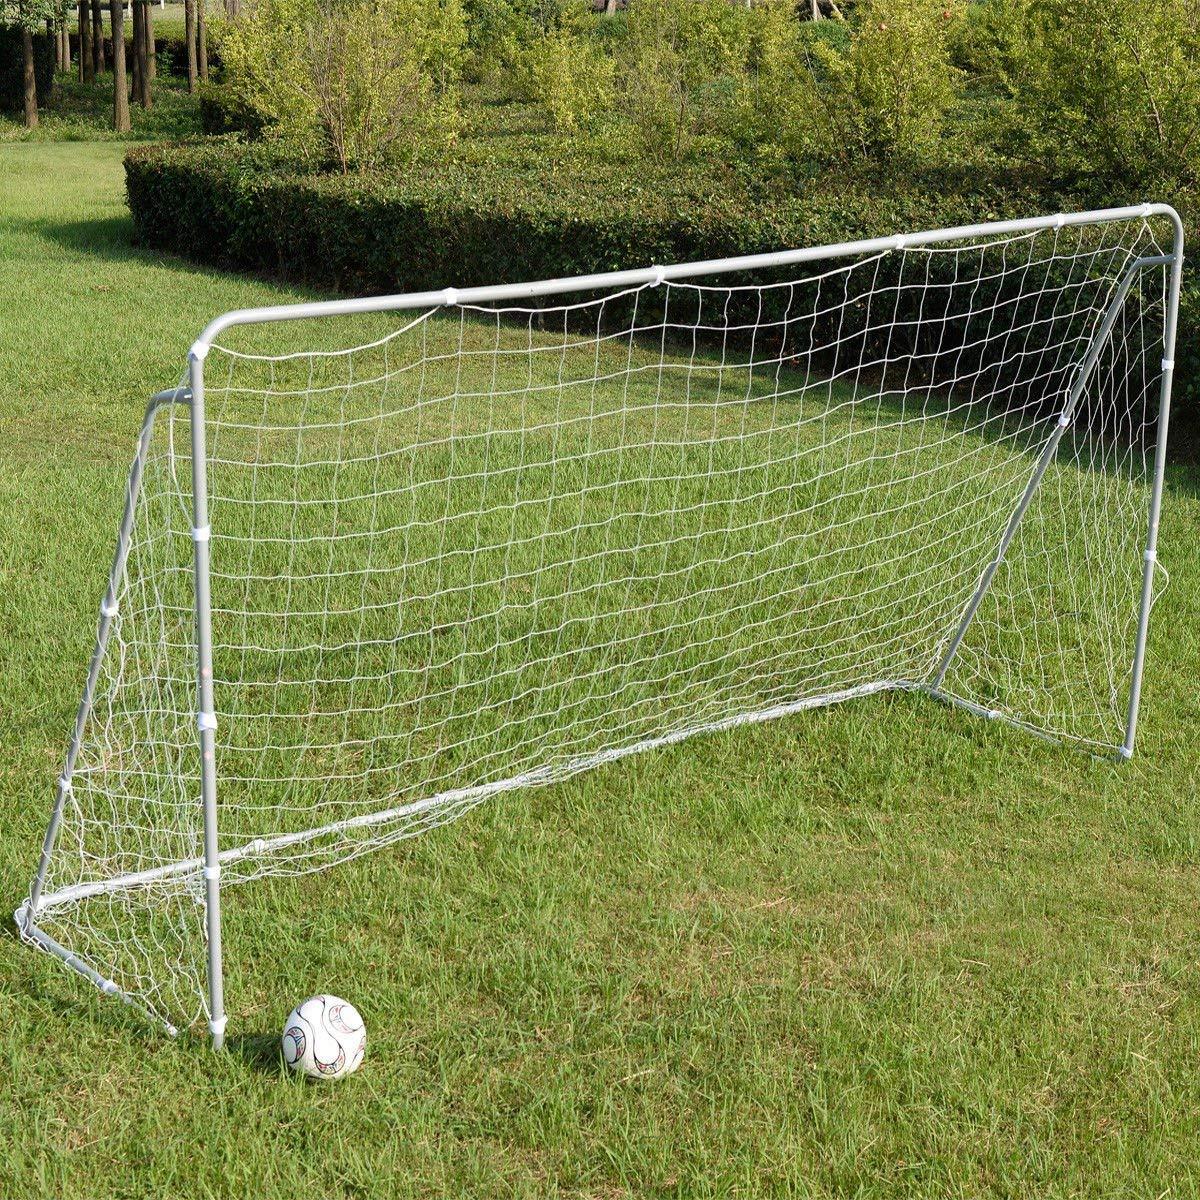 Giantex 12 x 6 Ft Soccer Goal w/ Net, Steel Frame and Velcro Straps, Indoor Outdoor Backyard Kids Children Soccer Goal